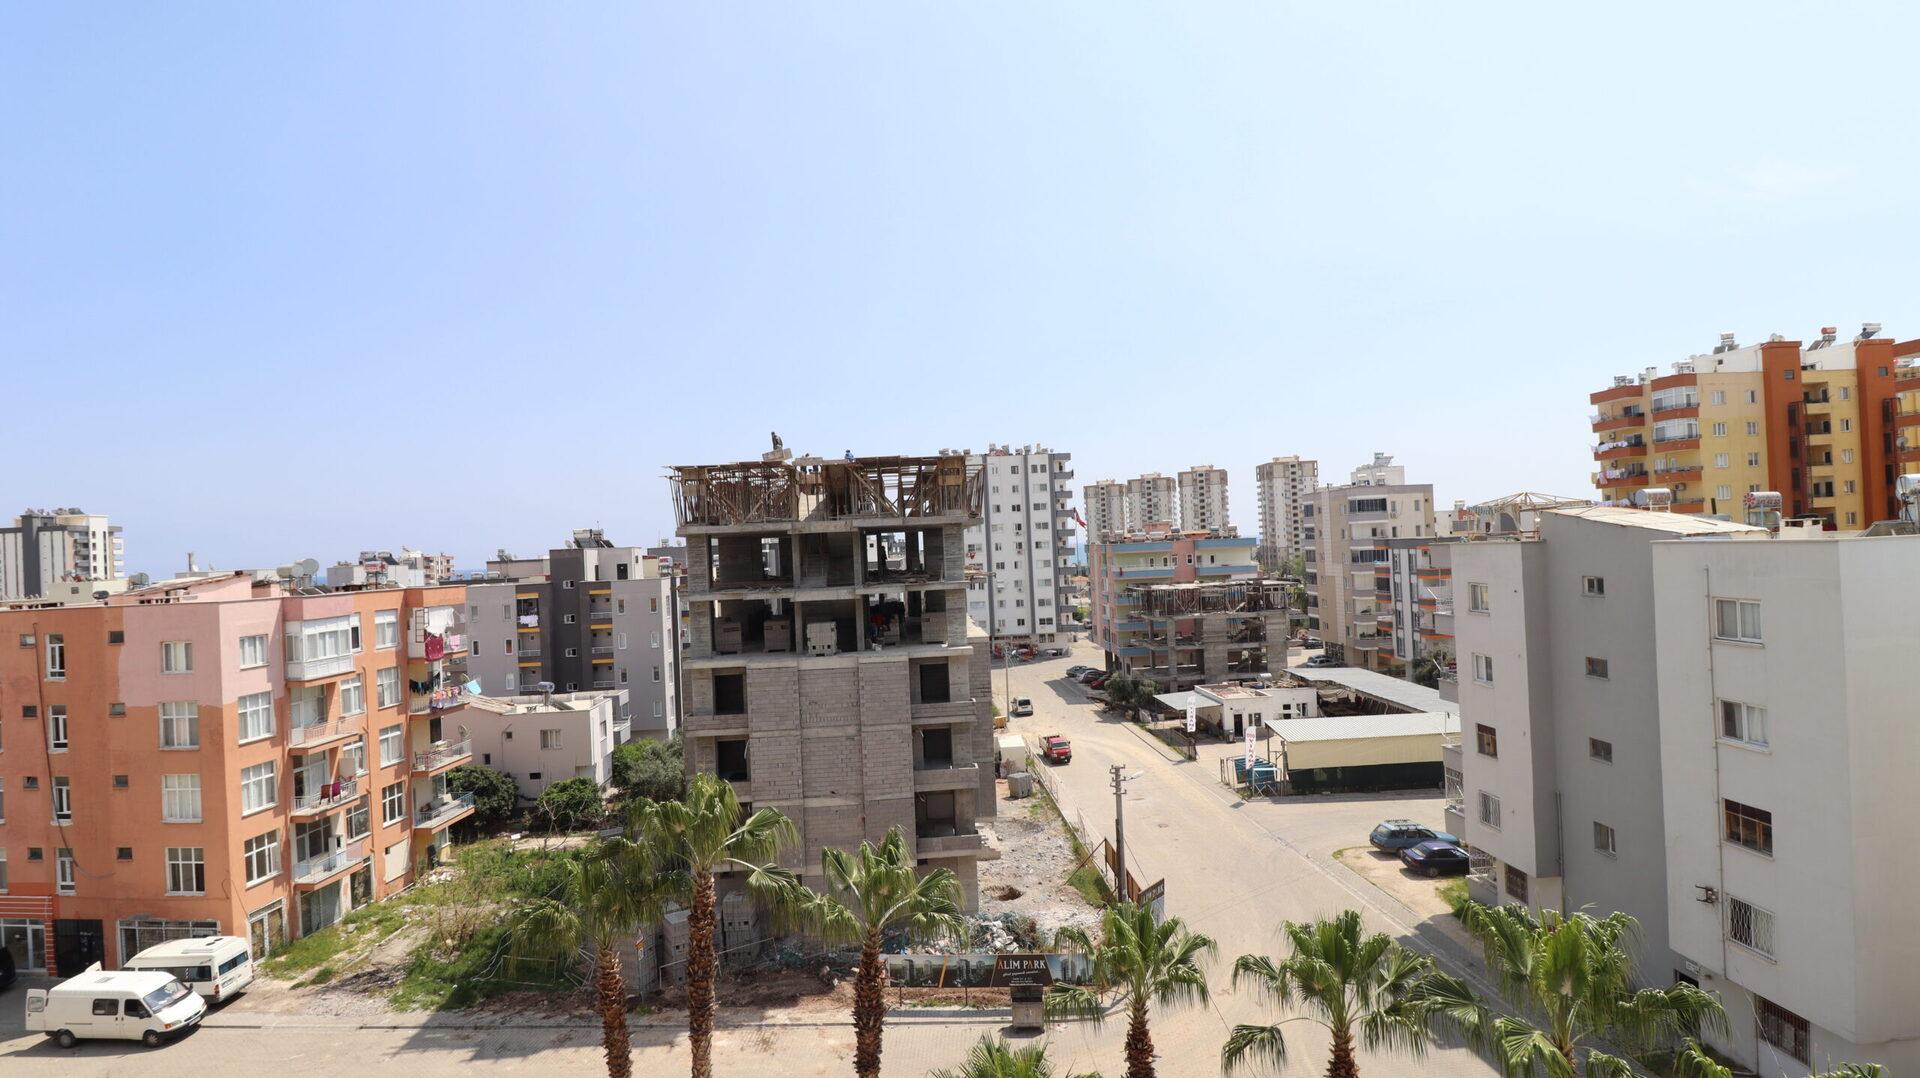 3 + 1 appartement te koop in de wijk Mersin Erdemli Alata